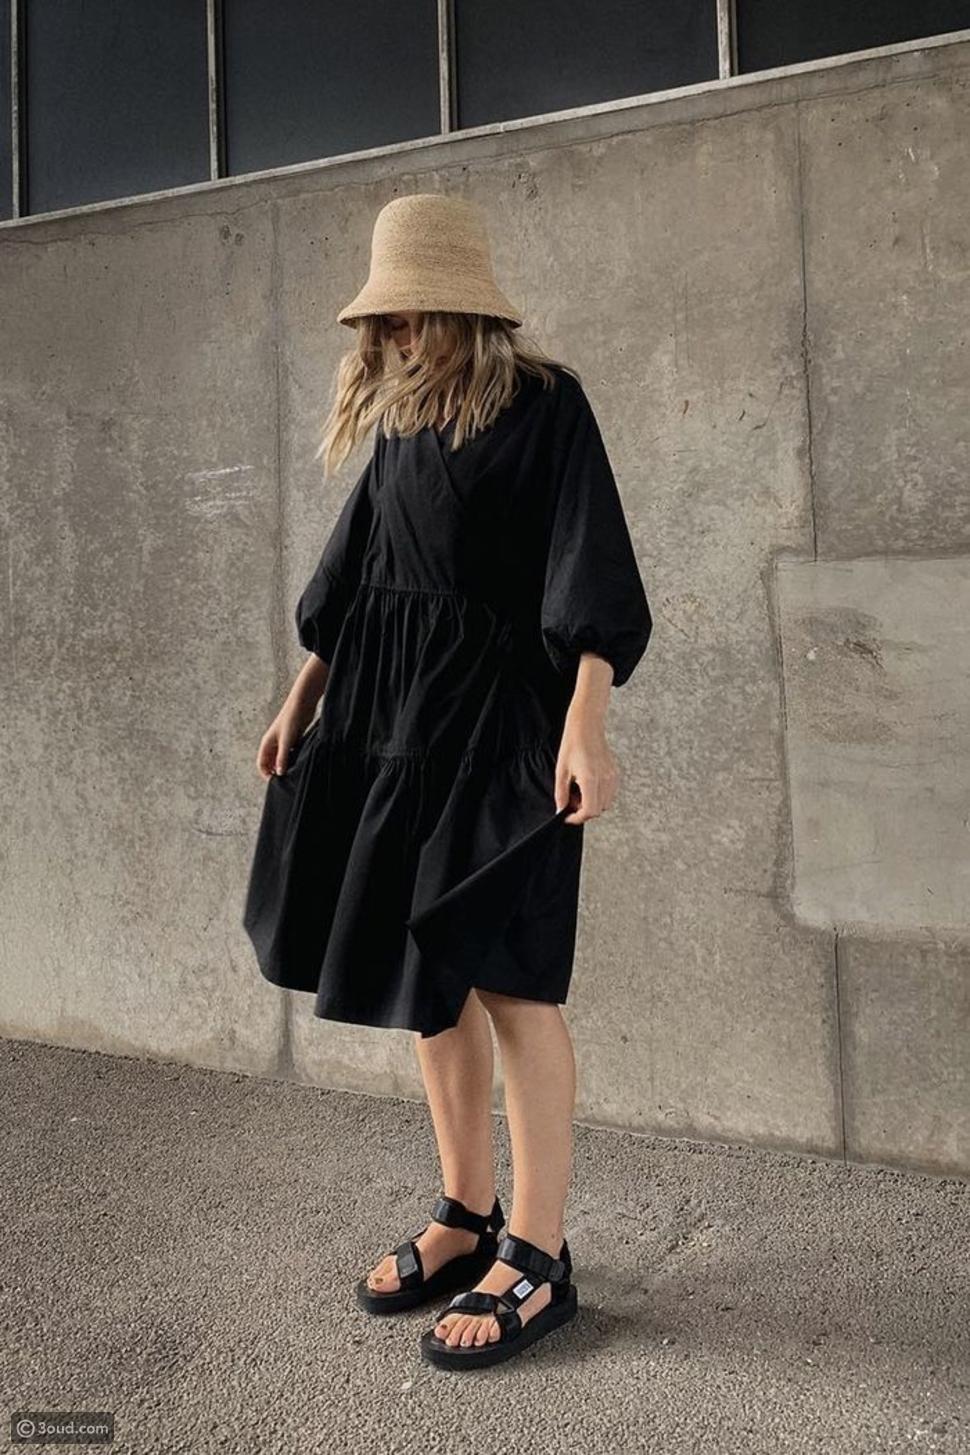 6 اتجاهات لملابس صيفية مميزة